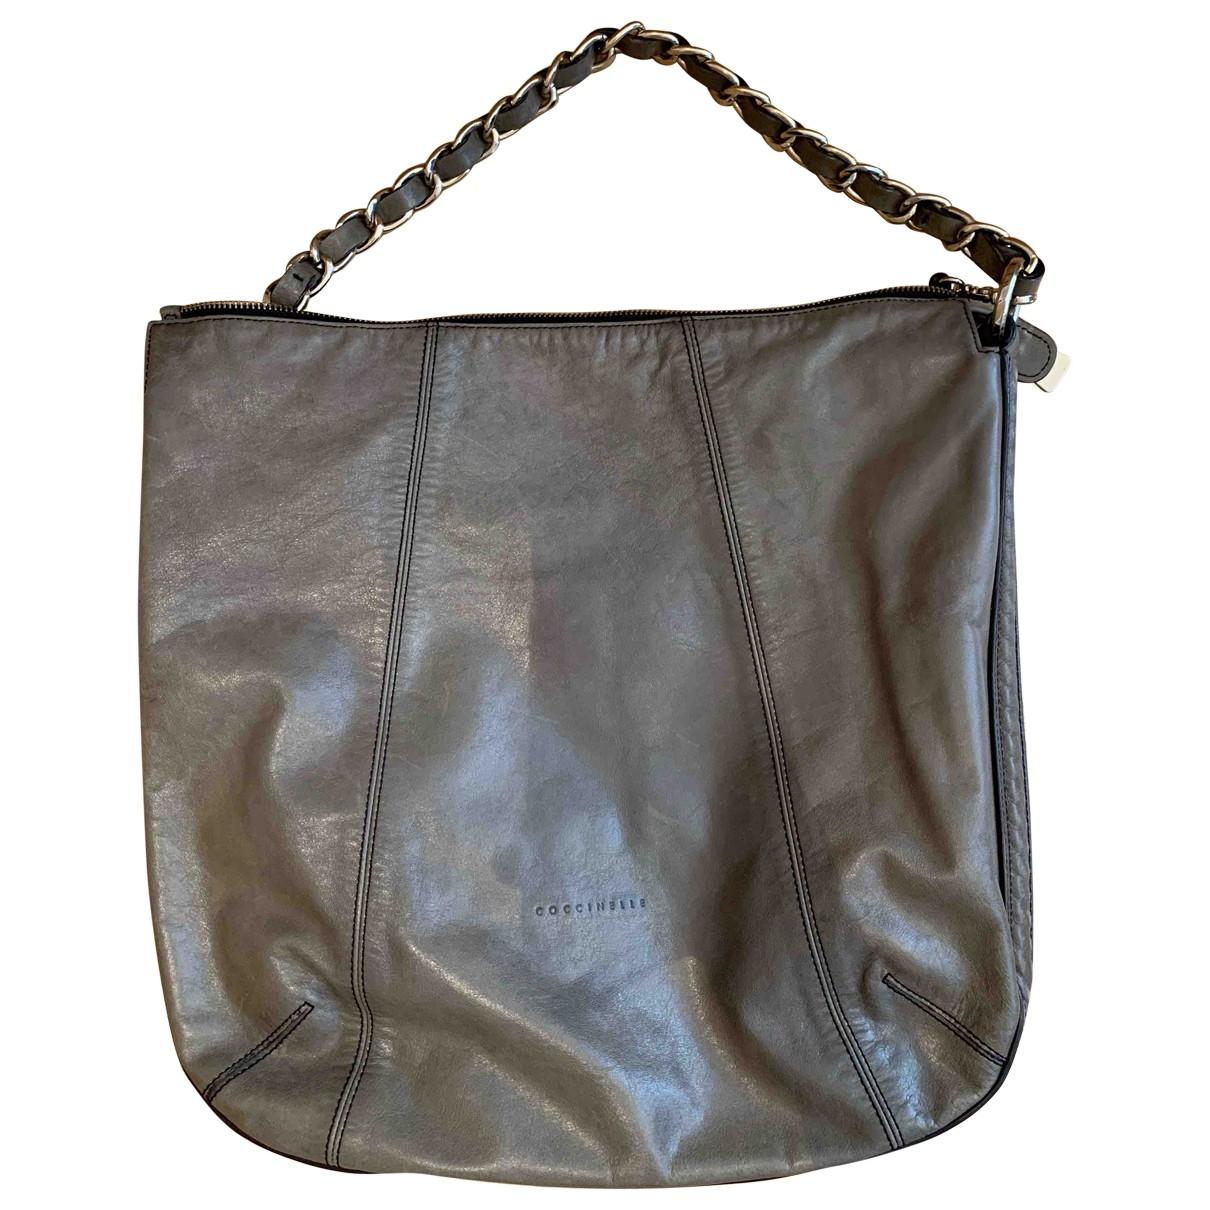 Coccinelle \N Handtasche in  Khaki Leder